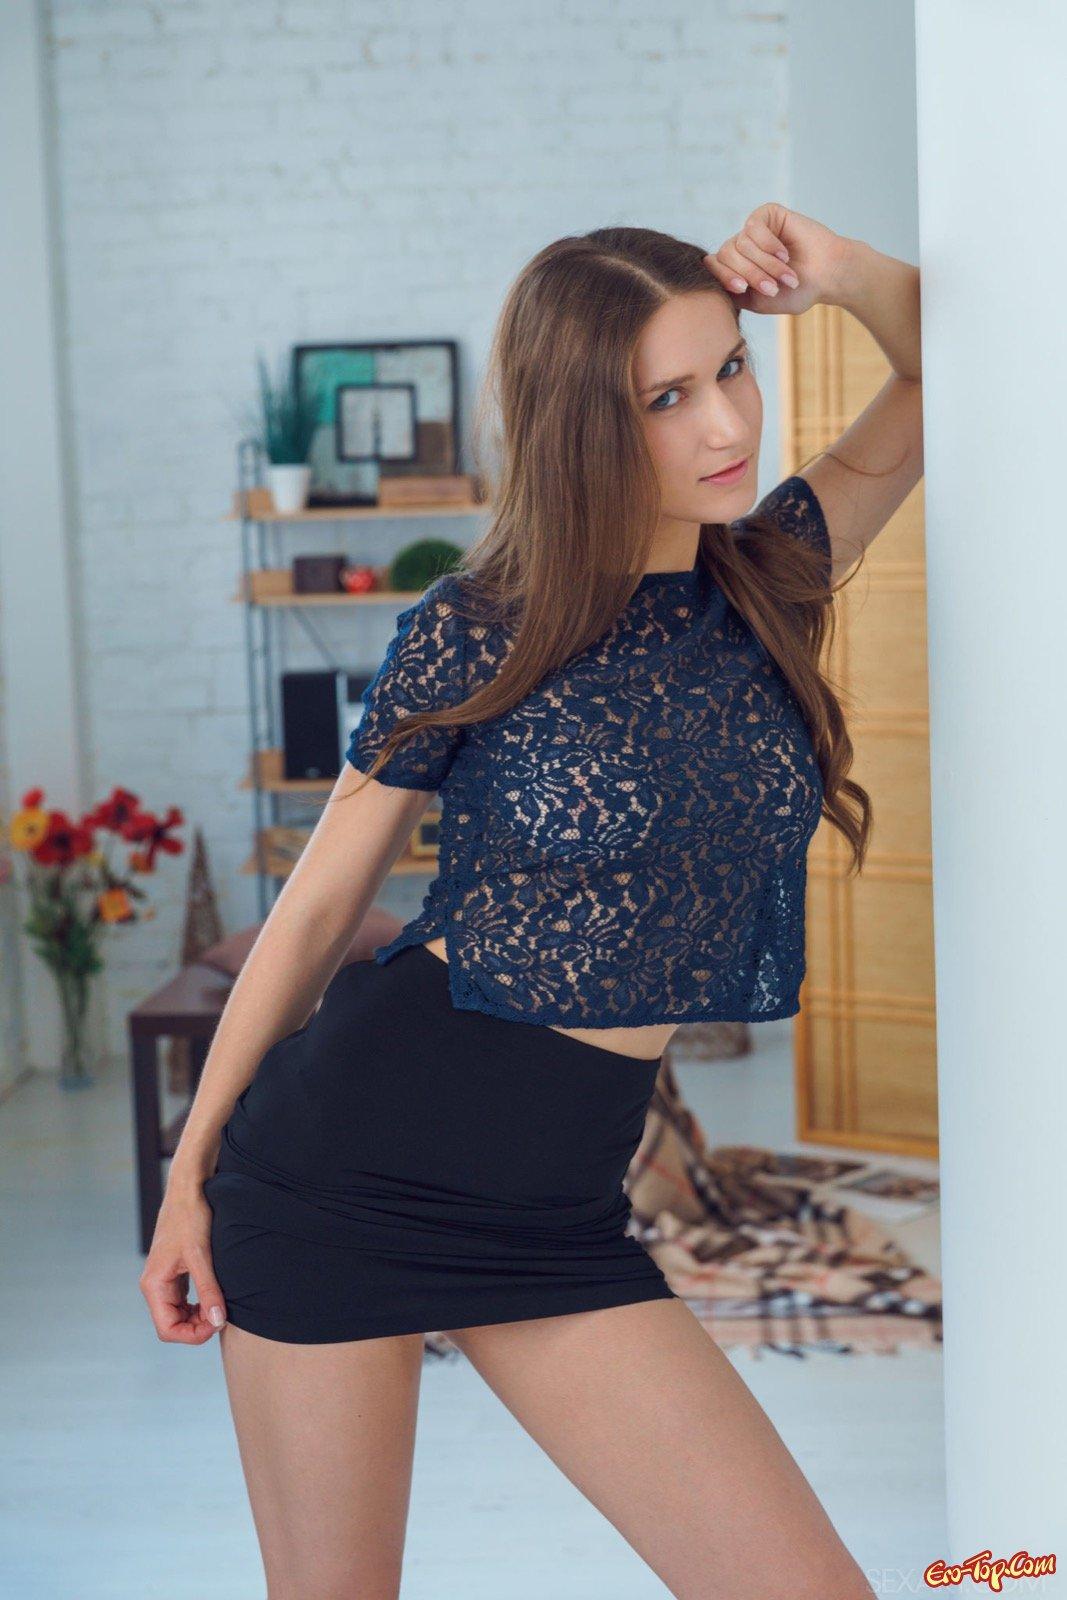 Девушка стягивает юбку и трусики показывая киску